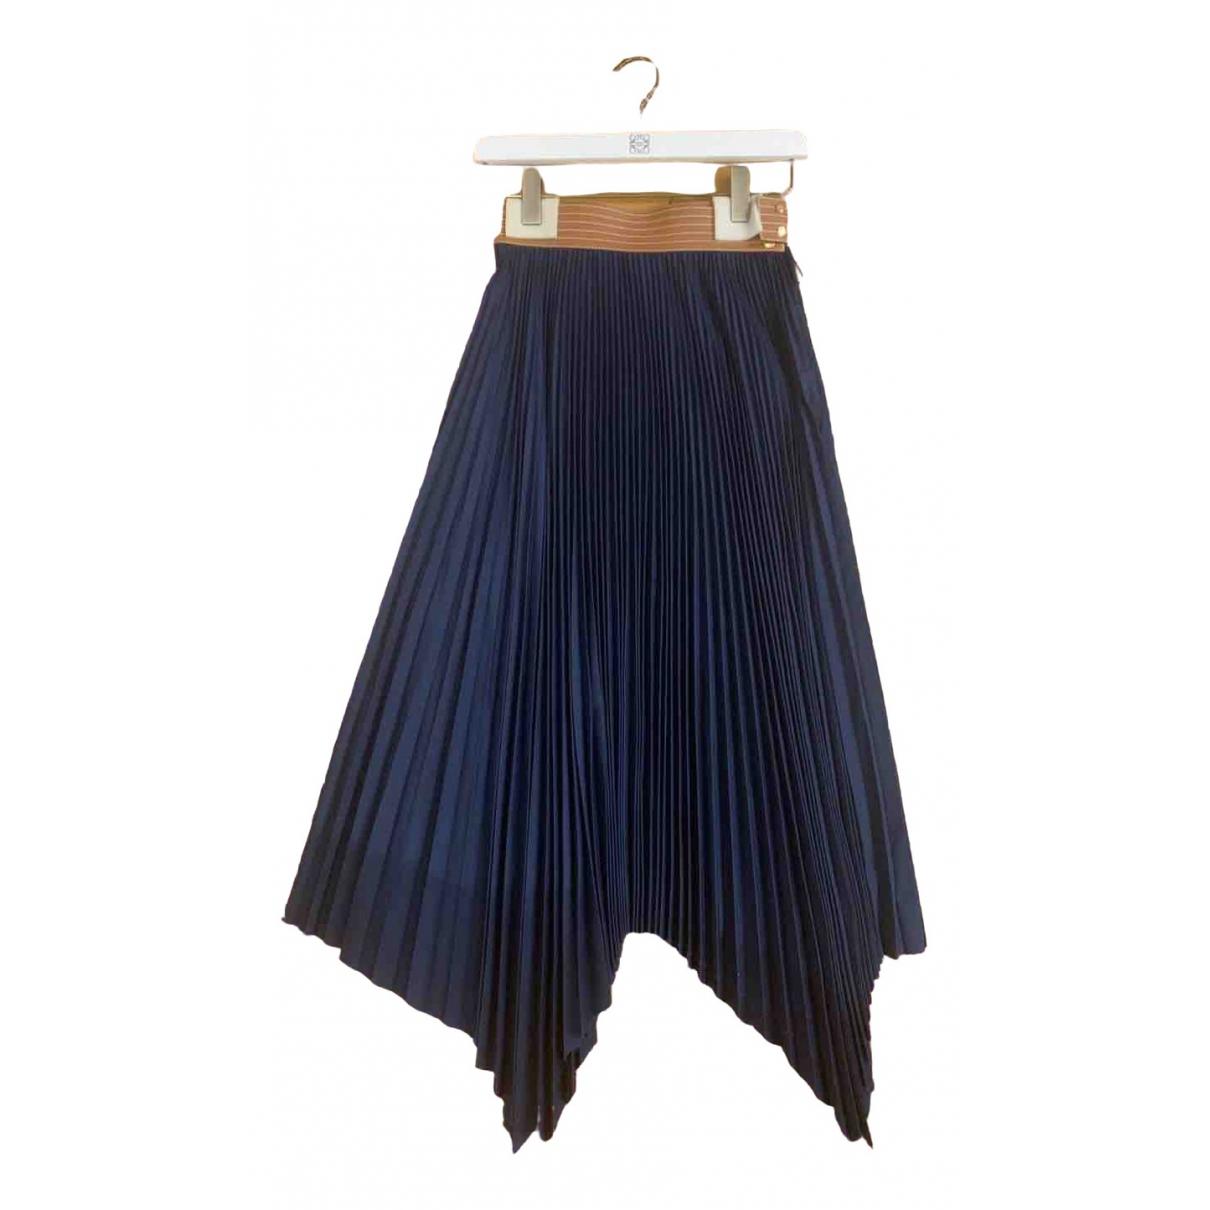 Loewe N Navy Cotton skirt for Women 36 FR